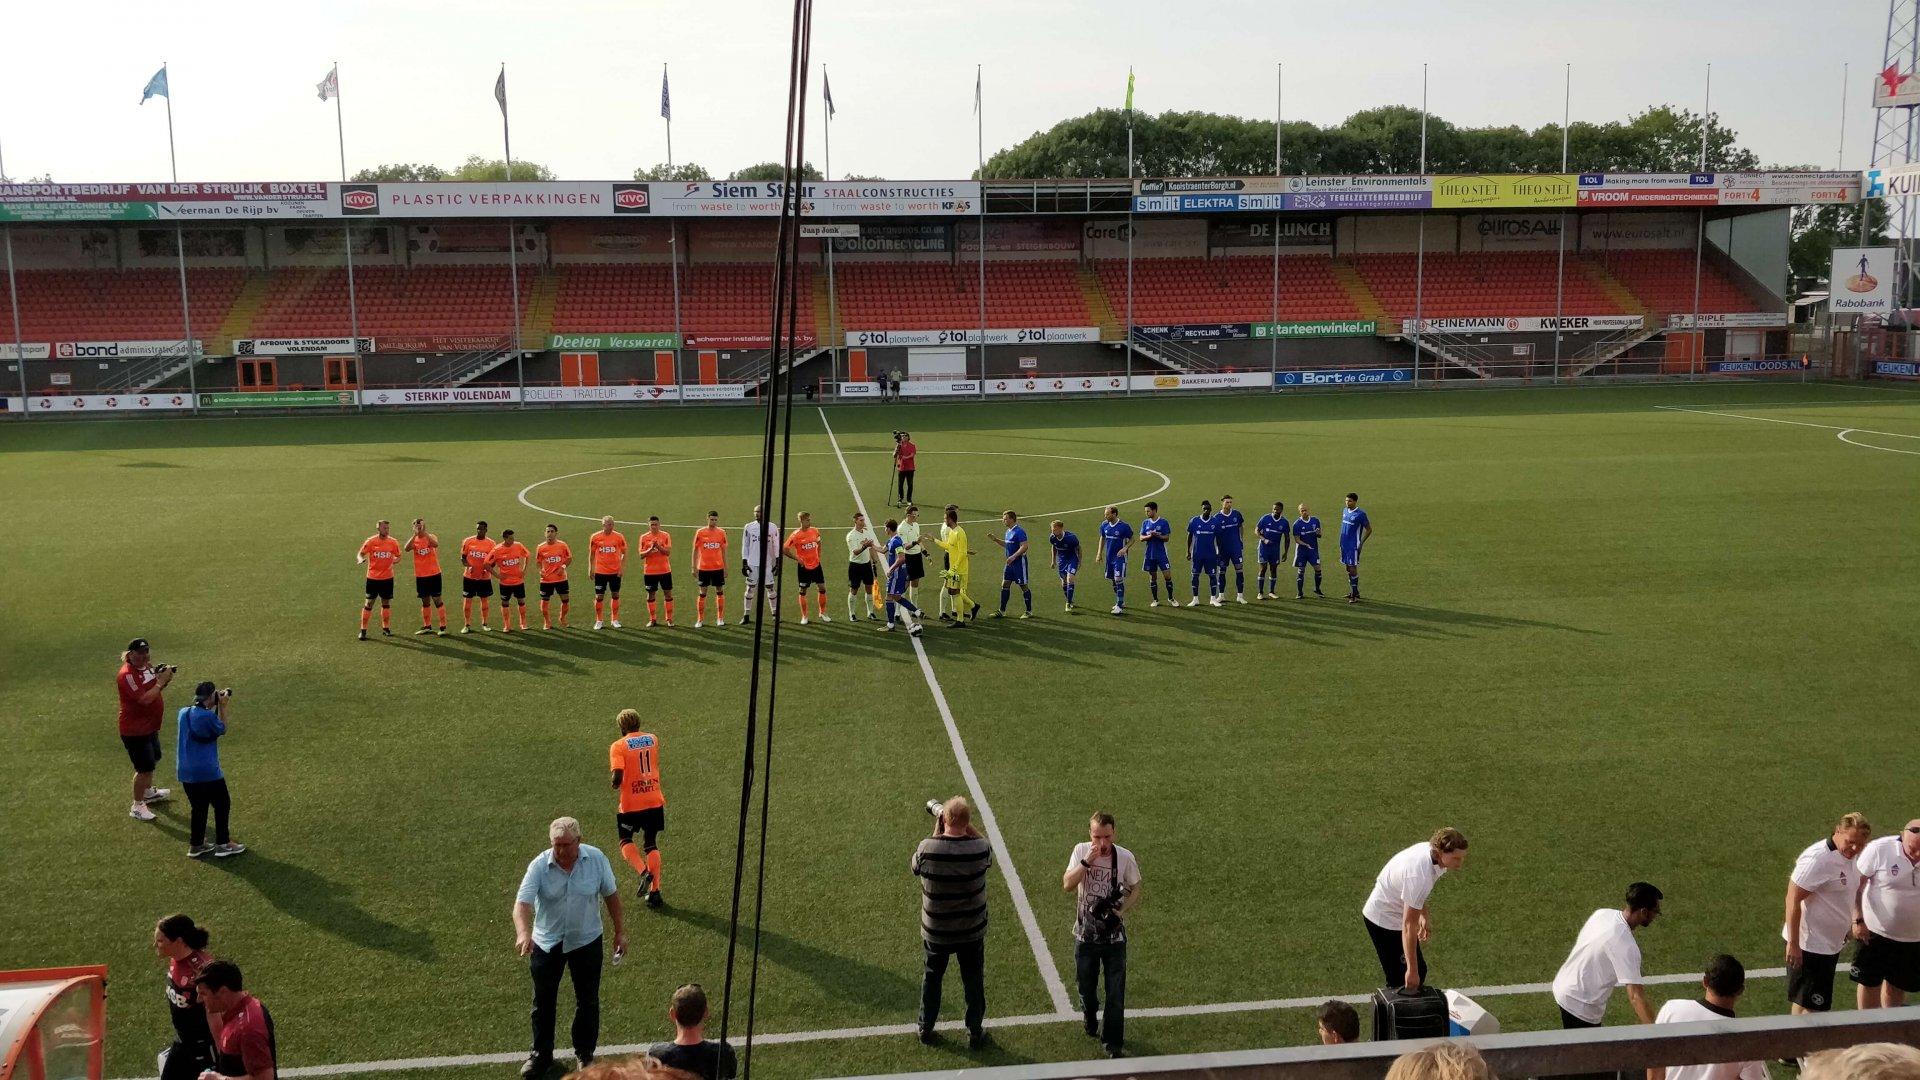 Oefenwinst voor Almere City FC bij Open Dag FC Volendam